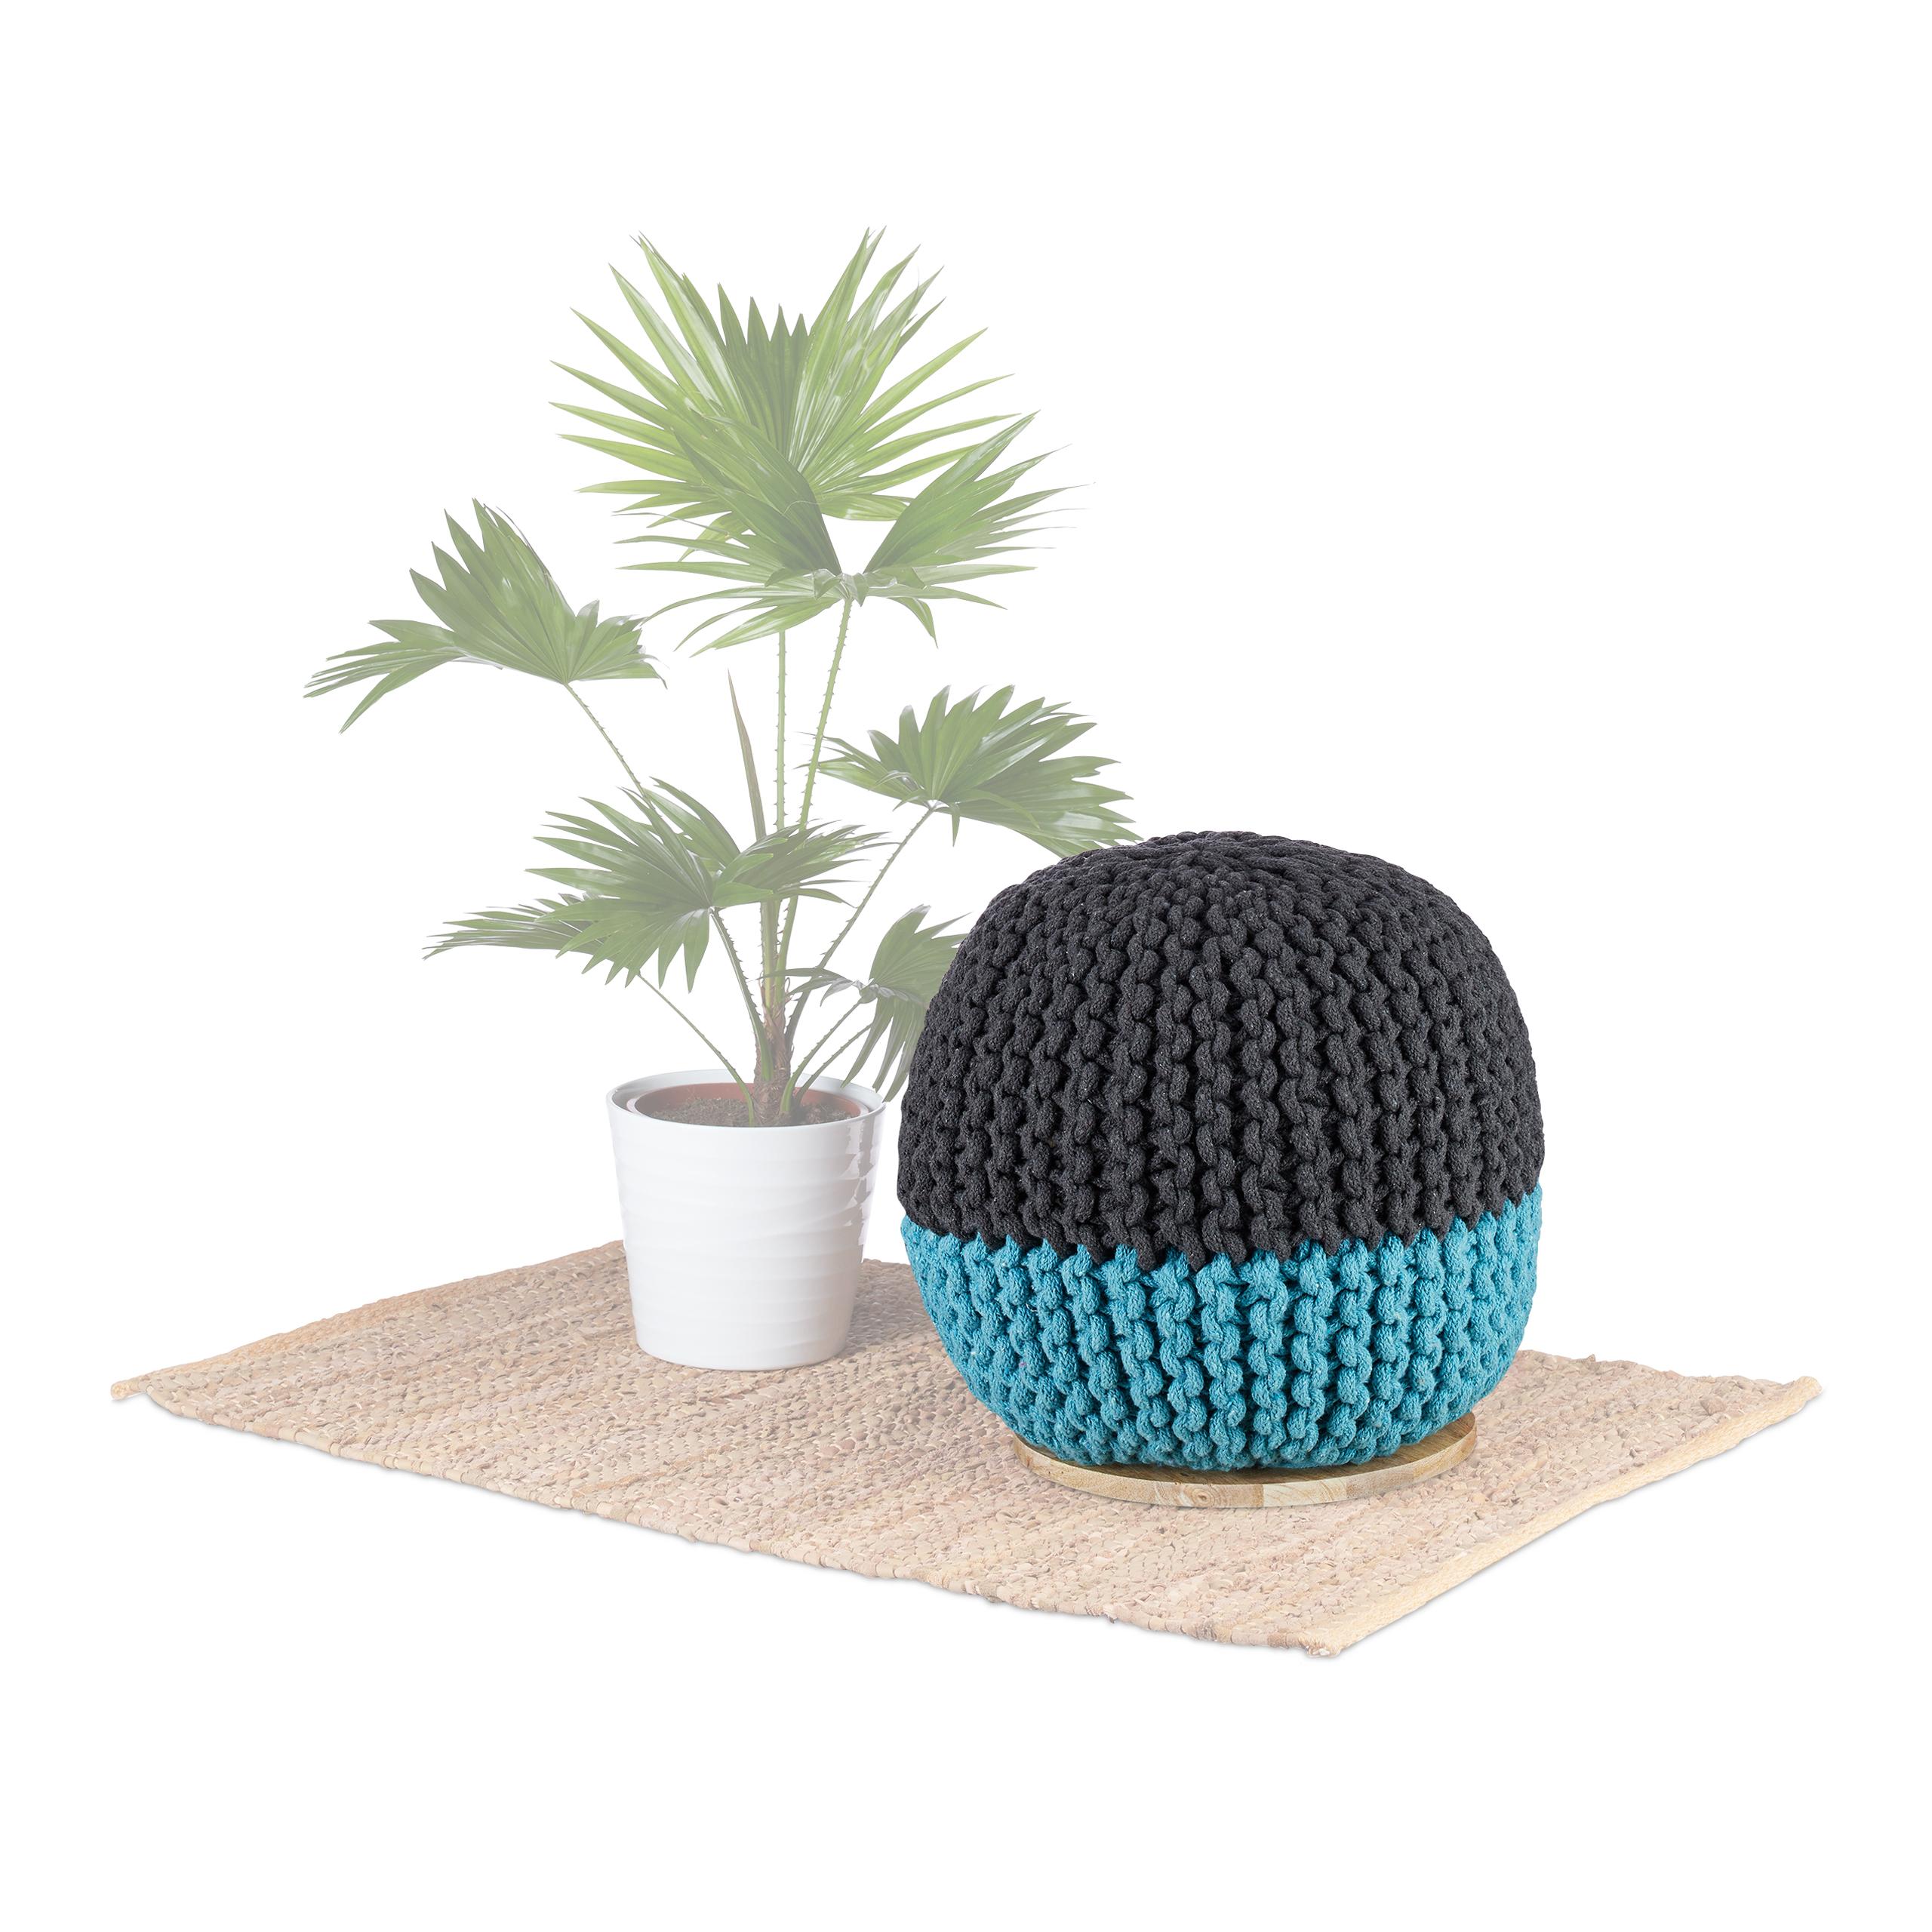 Pouf-2-en-1-Tabouret-40x40-Petite-Table-d-Appoint-Ronde-Basse-Boule-Bleu-Gris miniature 2